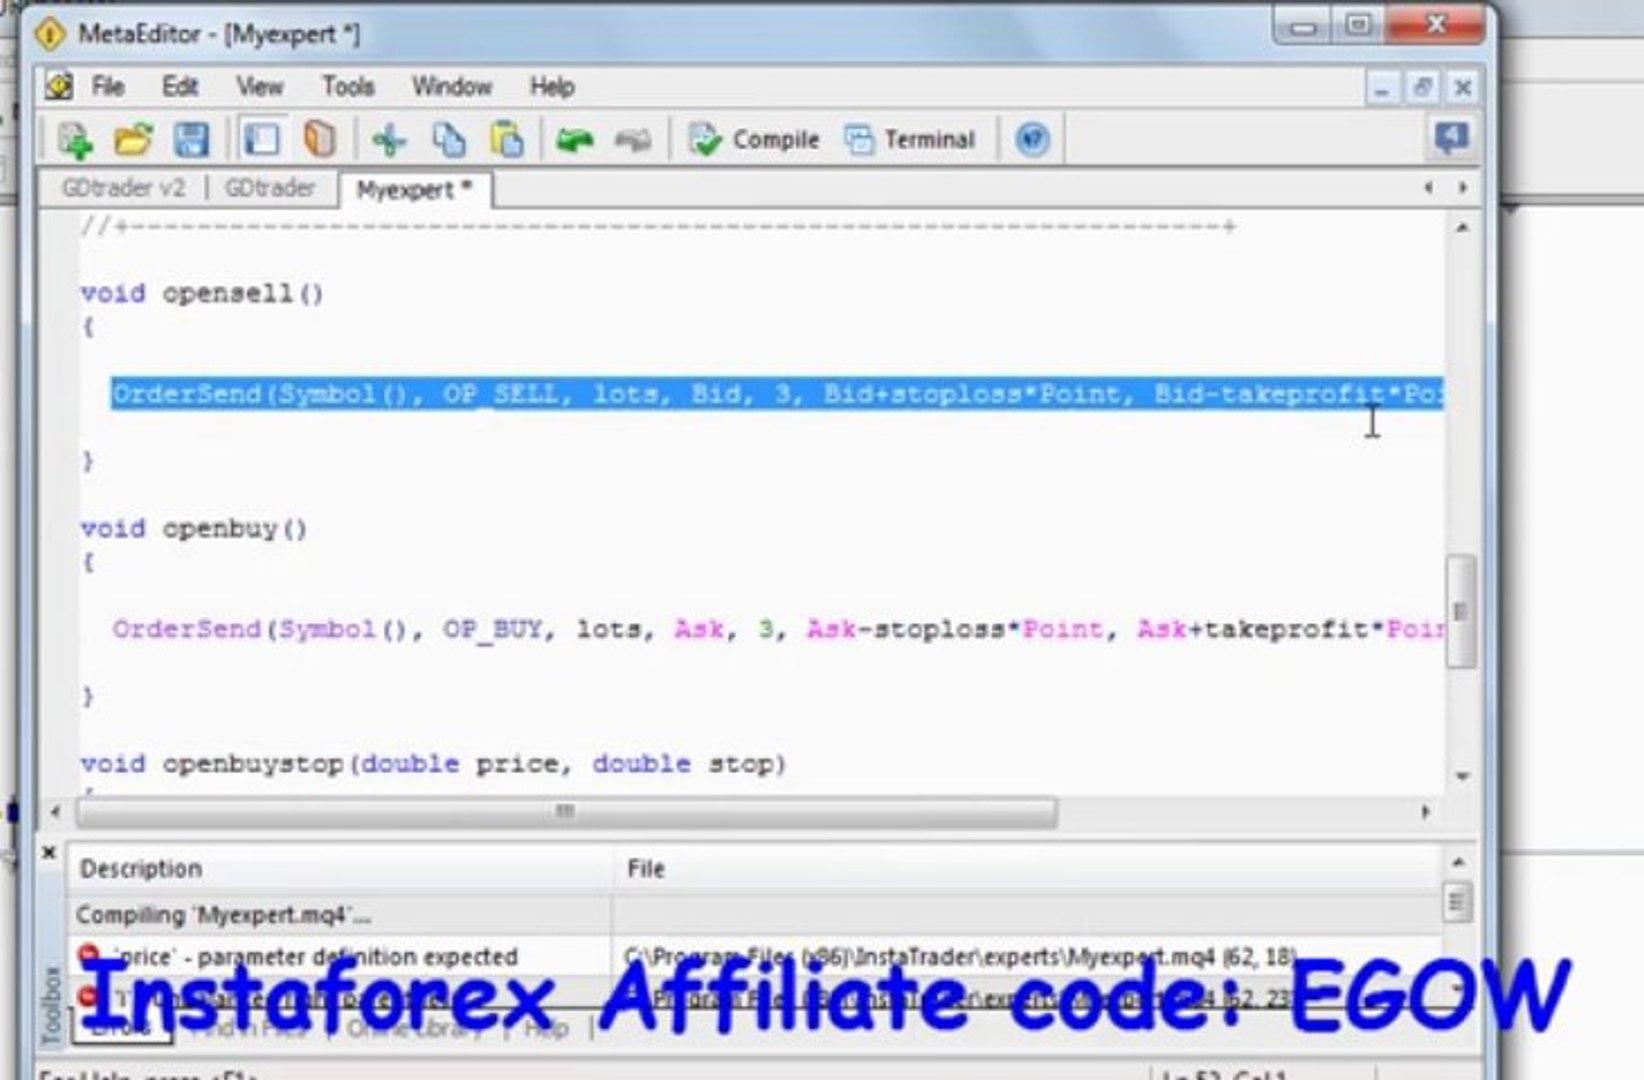 Mql4 Programming tutorial 20 - Pending orders functions